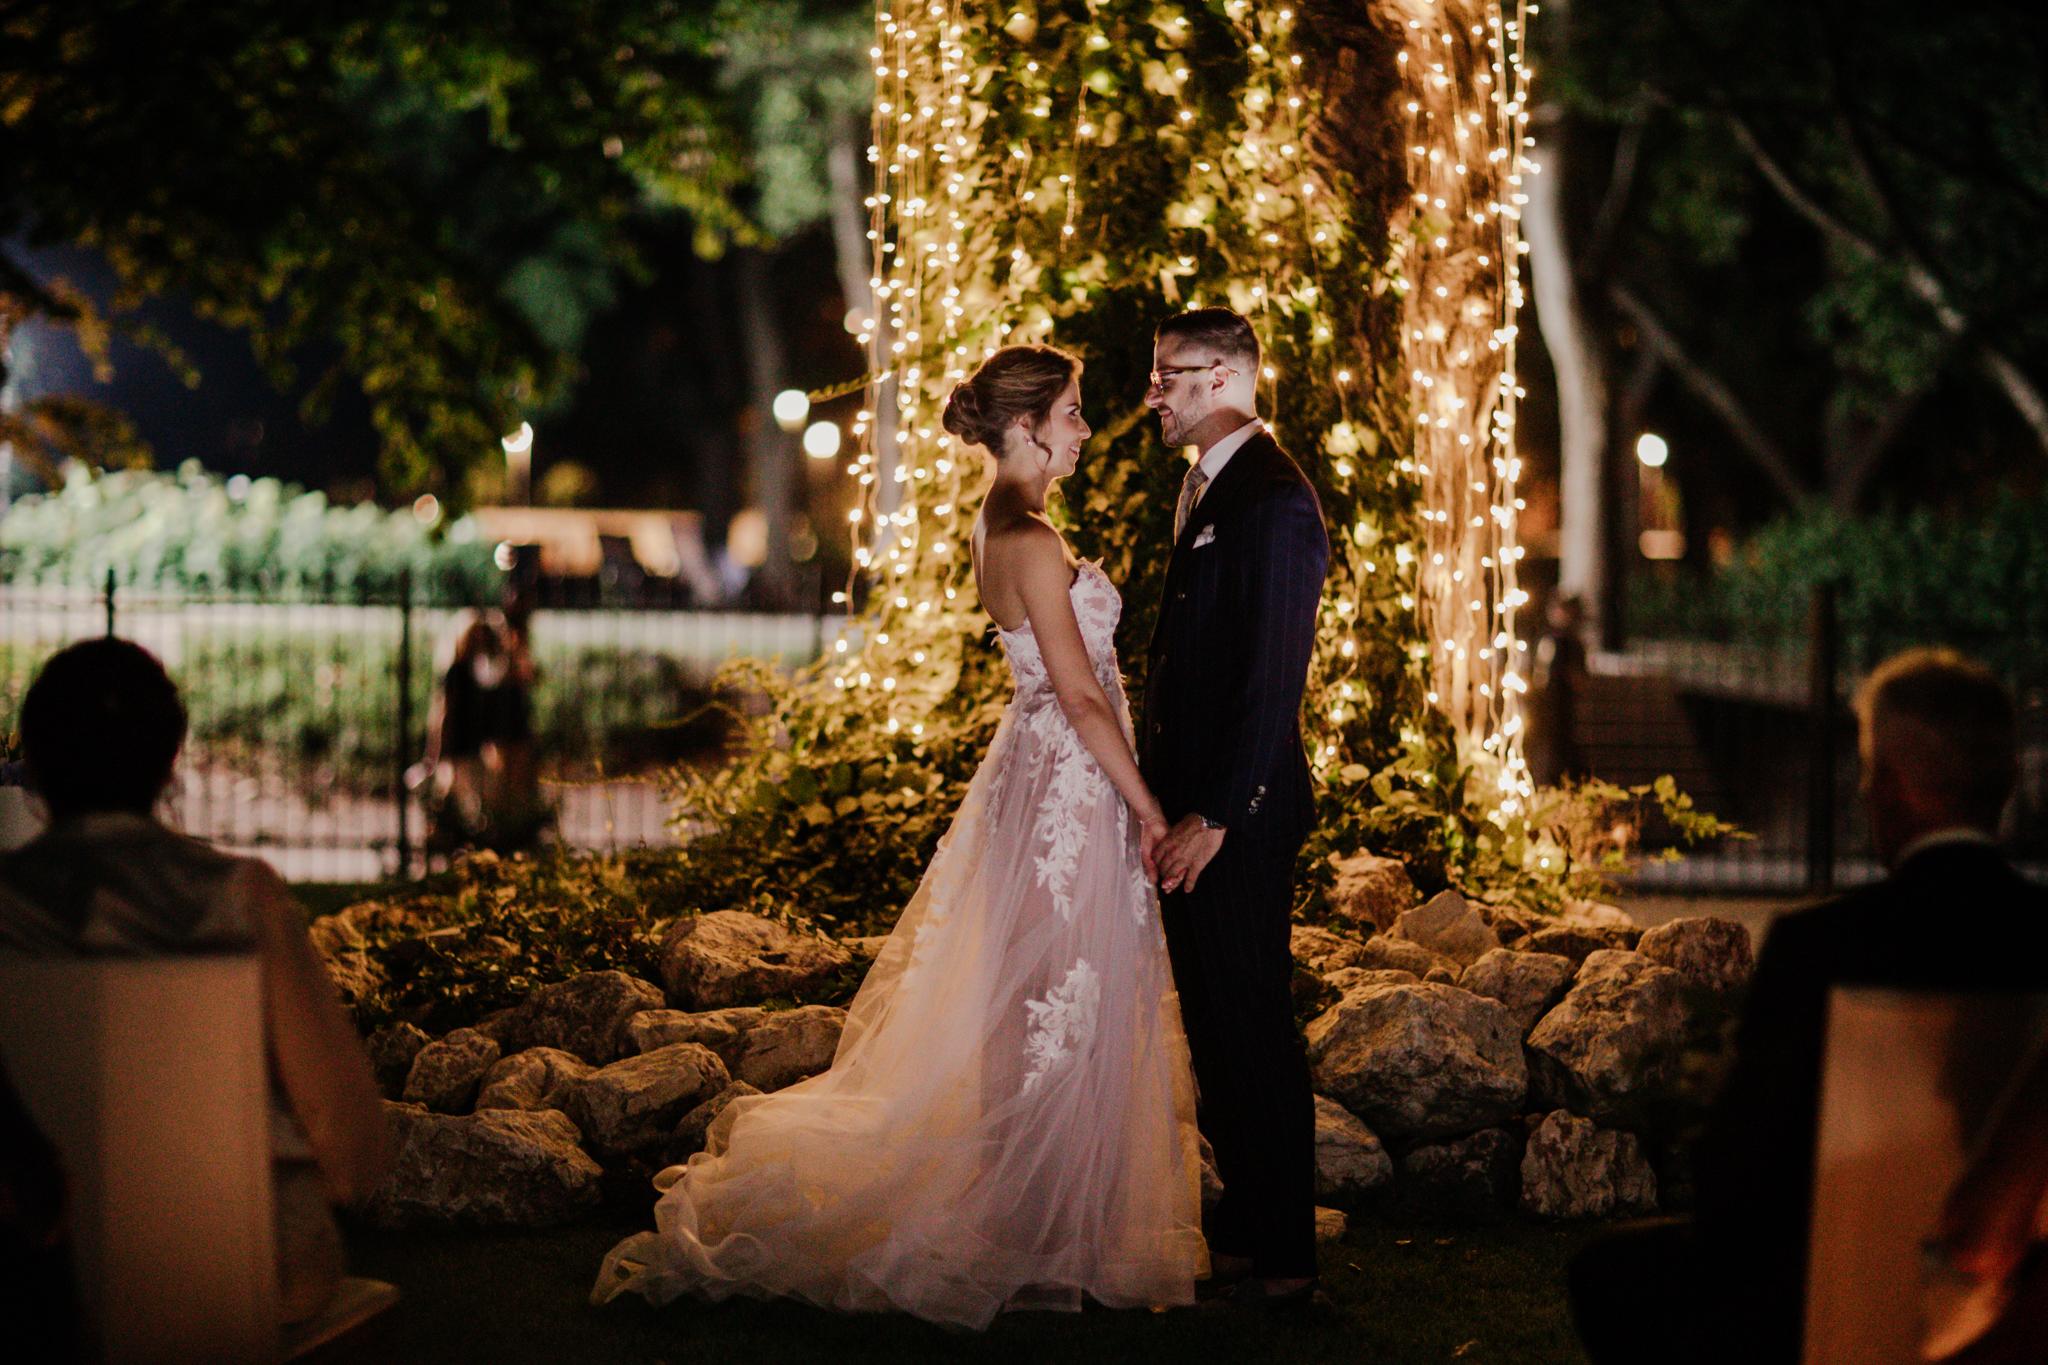 budapest wedding, budapest wedding decor, elegáns esüvői dekorációk,, nyári esküvői dekoráció,margitsziget esküvő, margitszigeti casino esküvő,